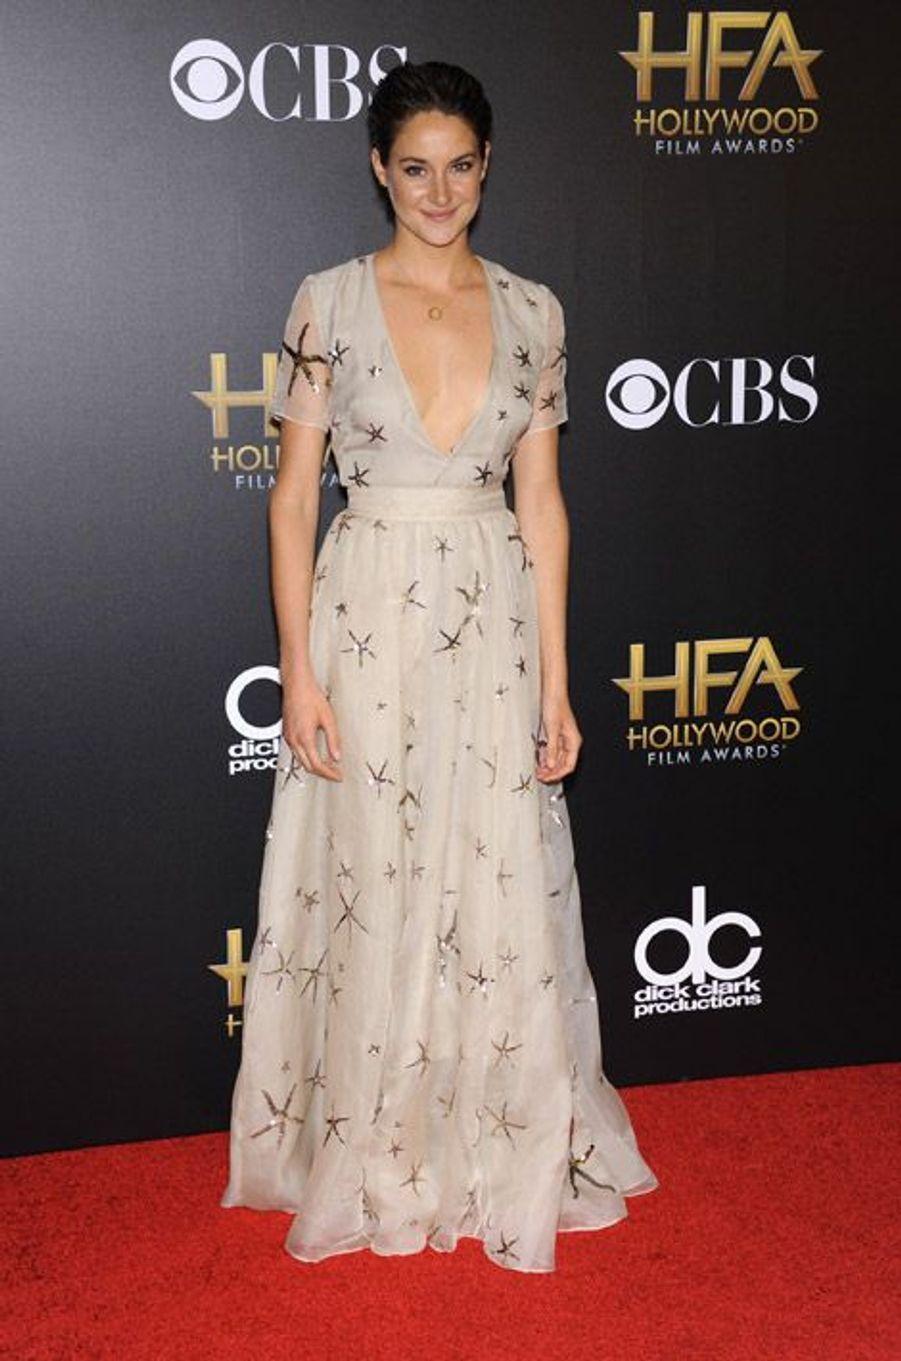 L'actrice Shailene Woodley en Valentino lors de la cérémonie Hollywood film Awards, à Los Angeles le 15 novembre 2014